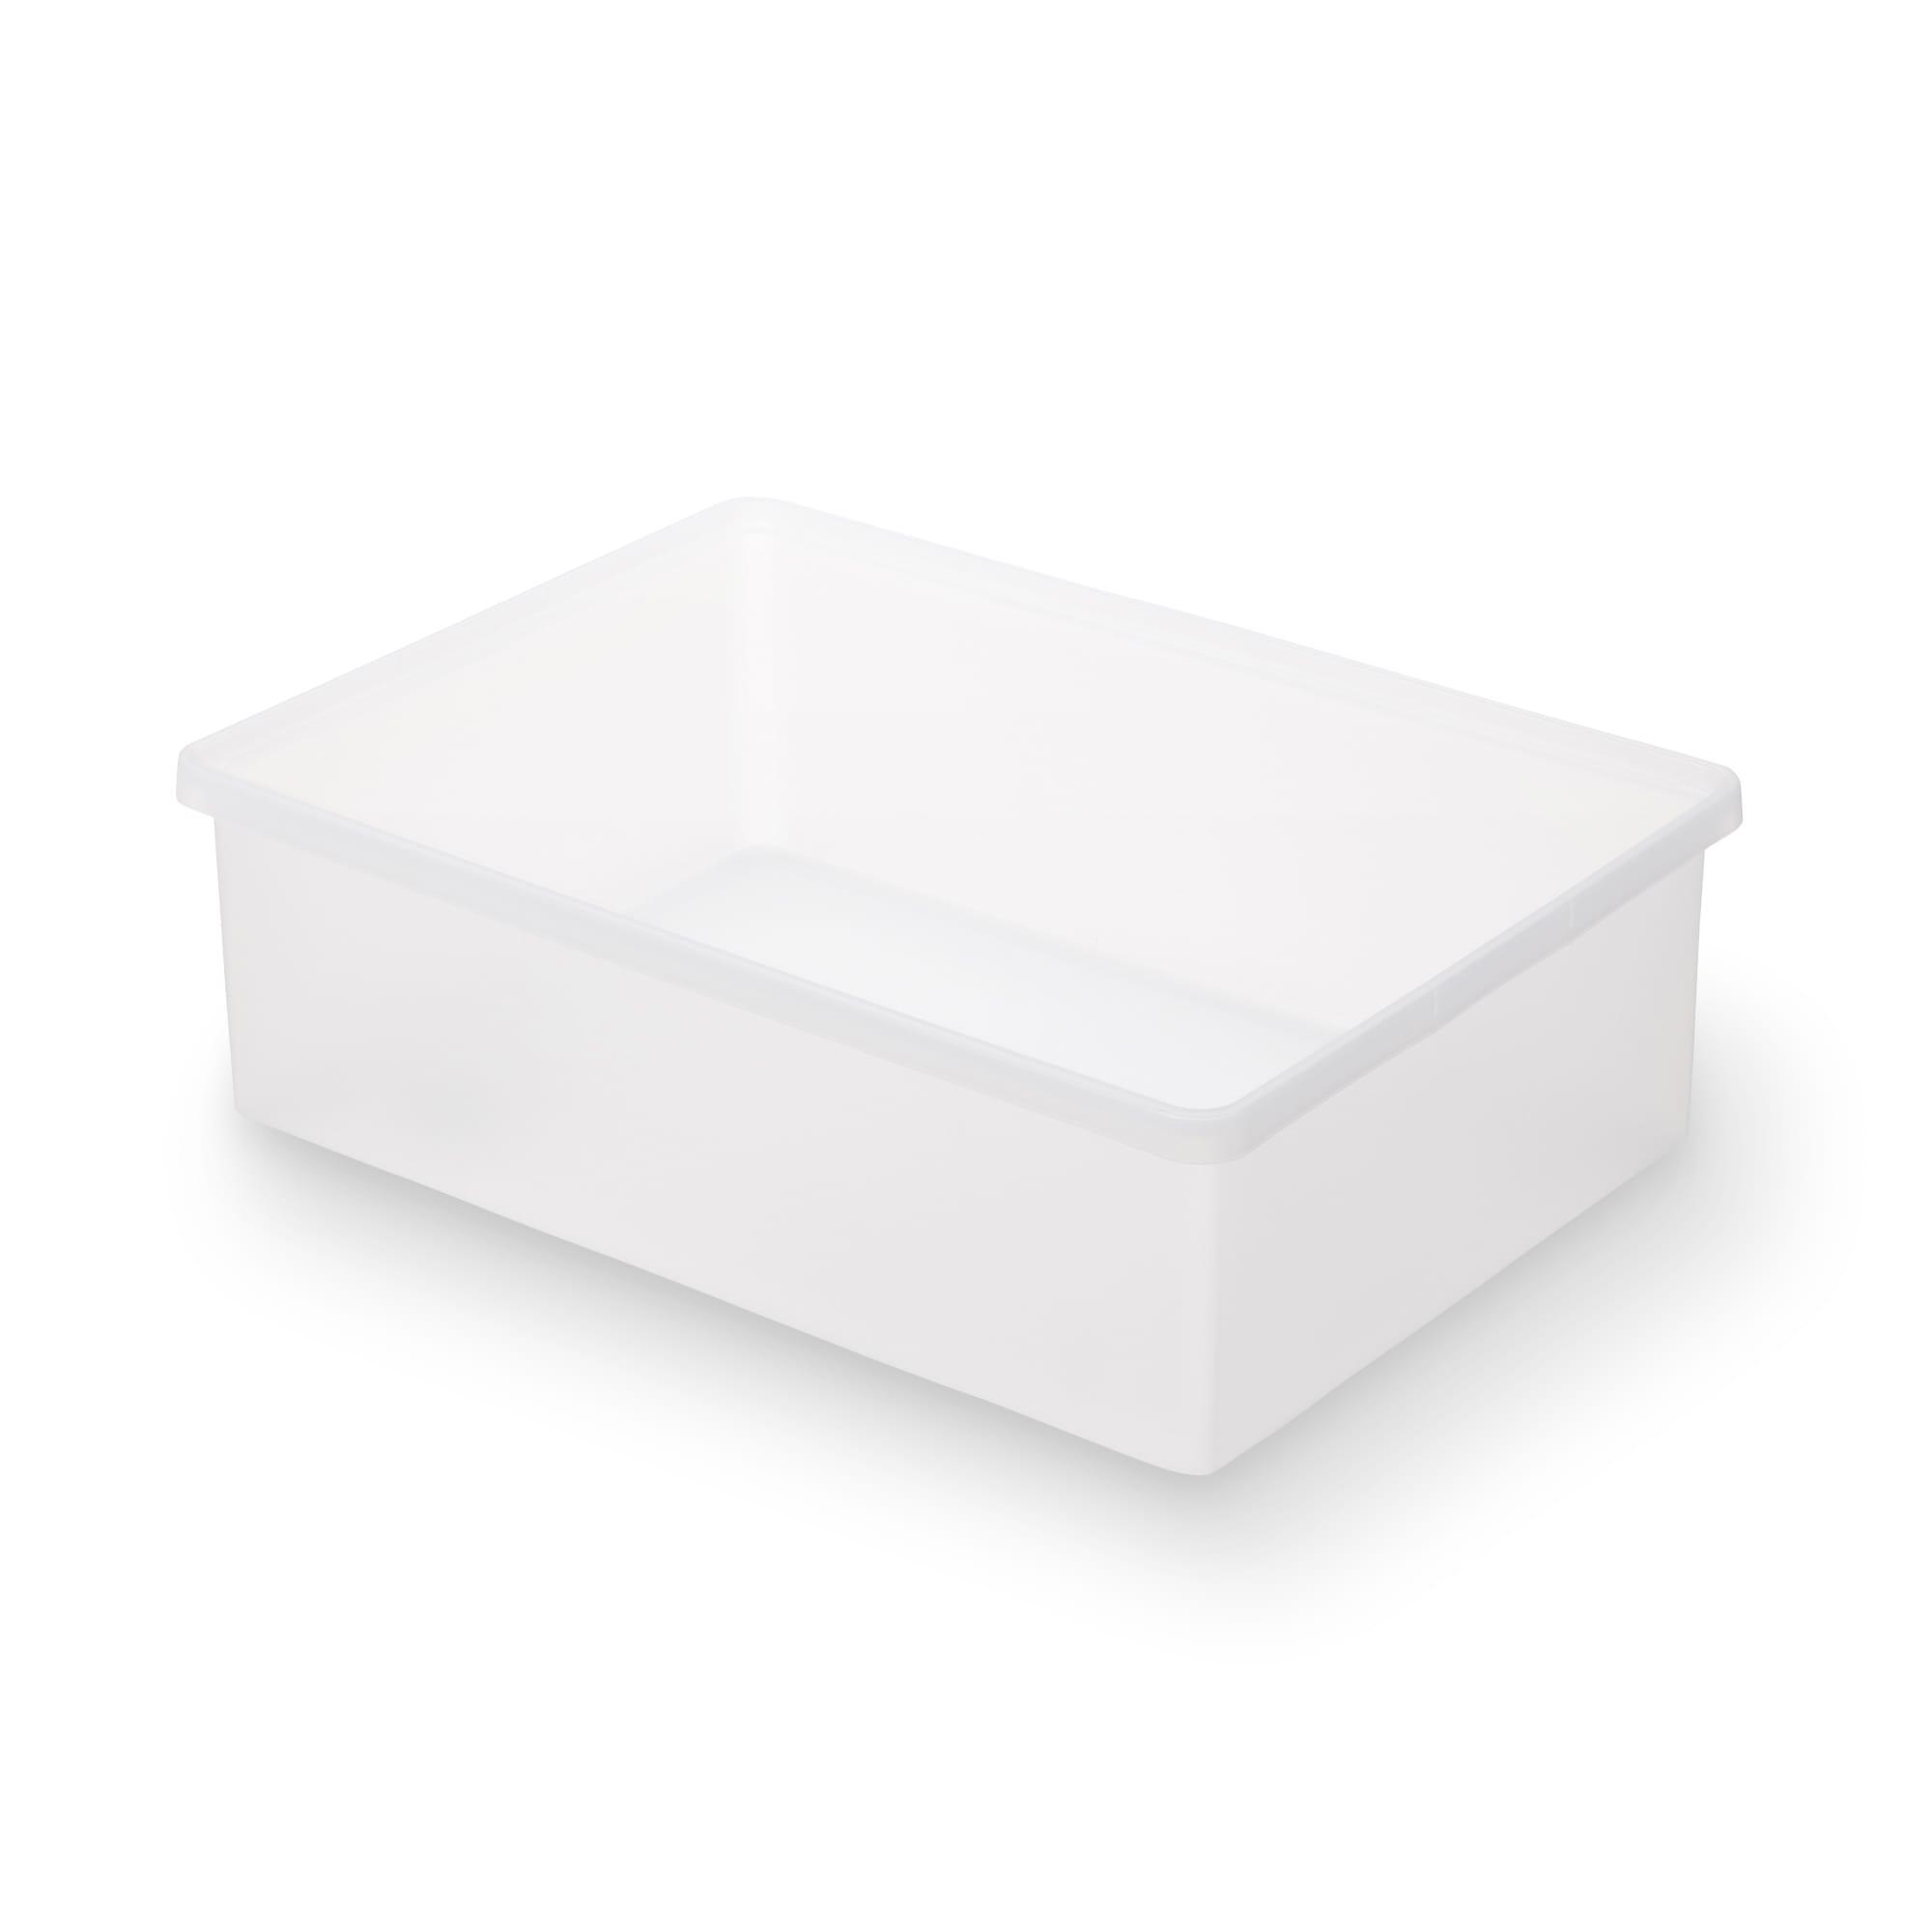 [무인양품] MUJI 폴리프로필렌 수납박스・와이드・중 일본공식스토어 상품